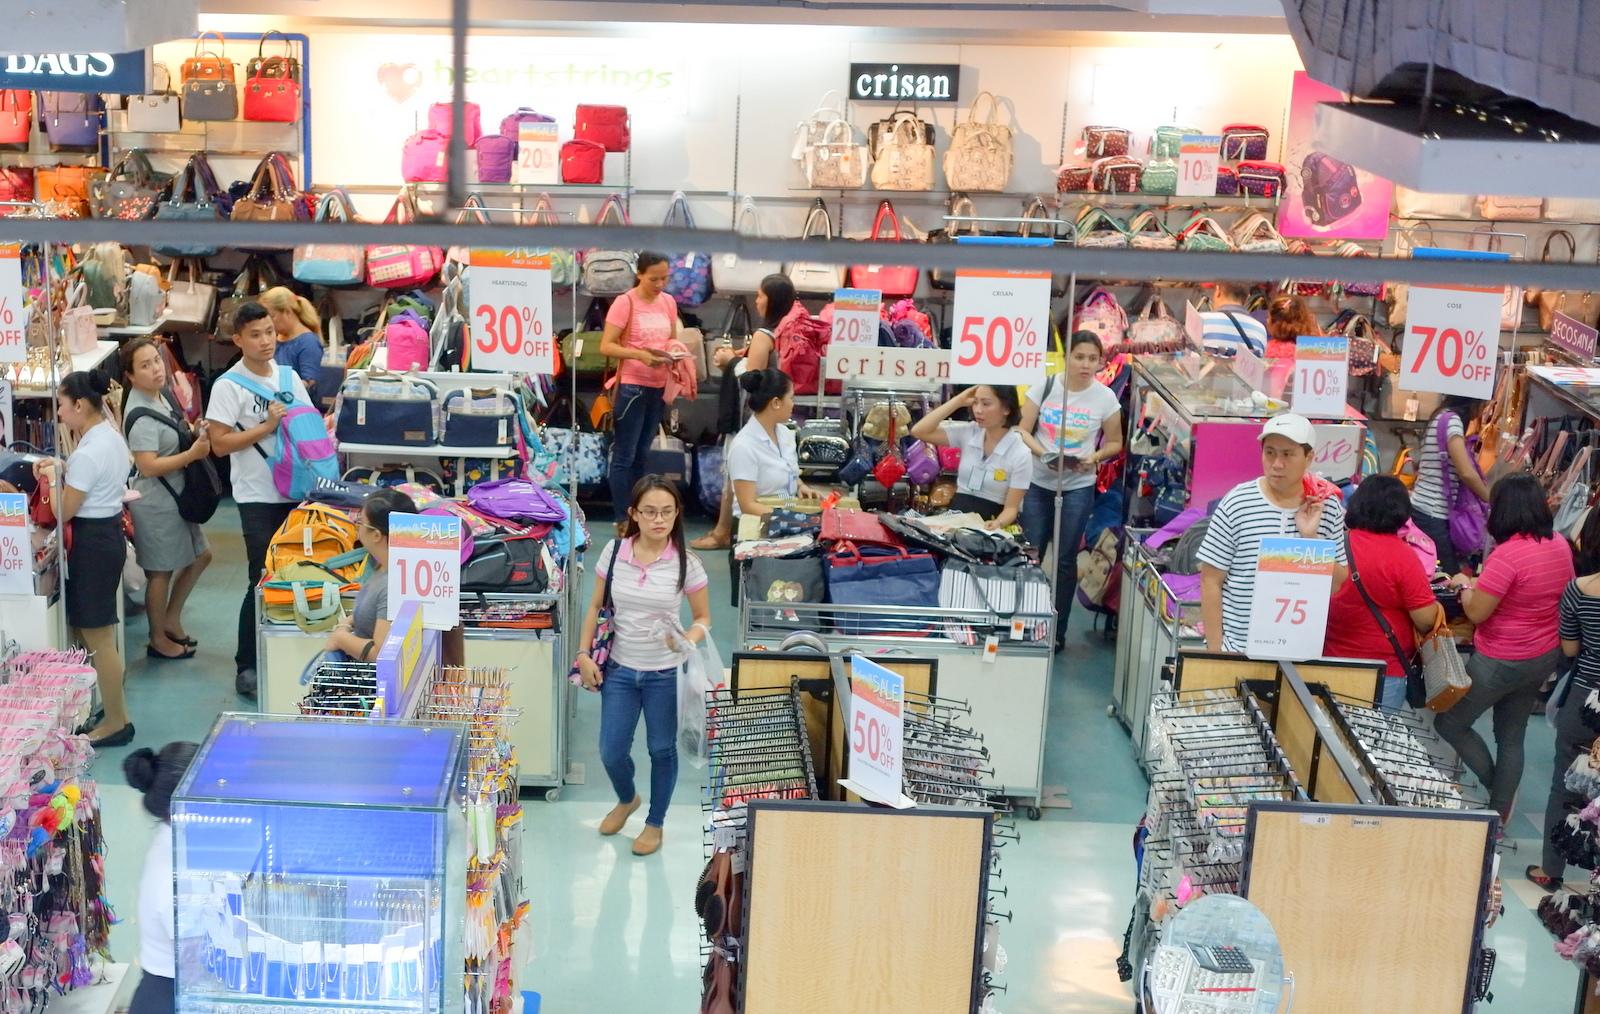 Metro Department Store Sidewalk Sale